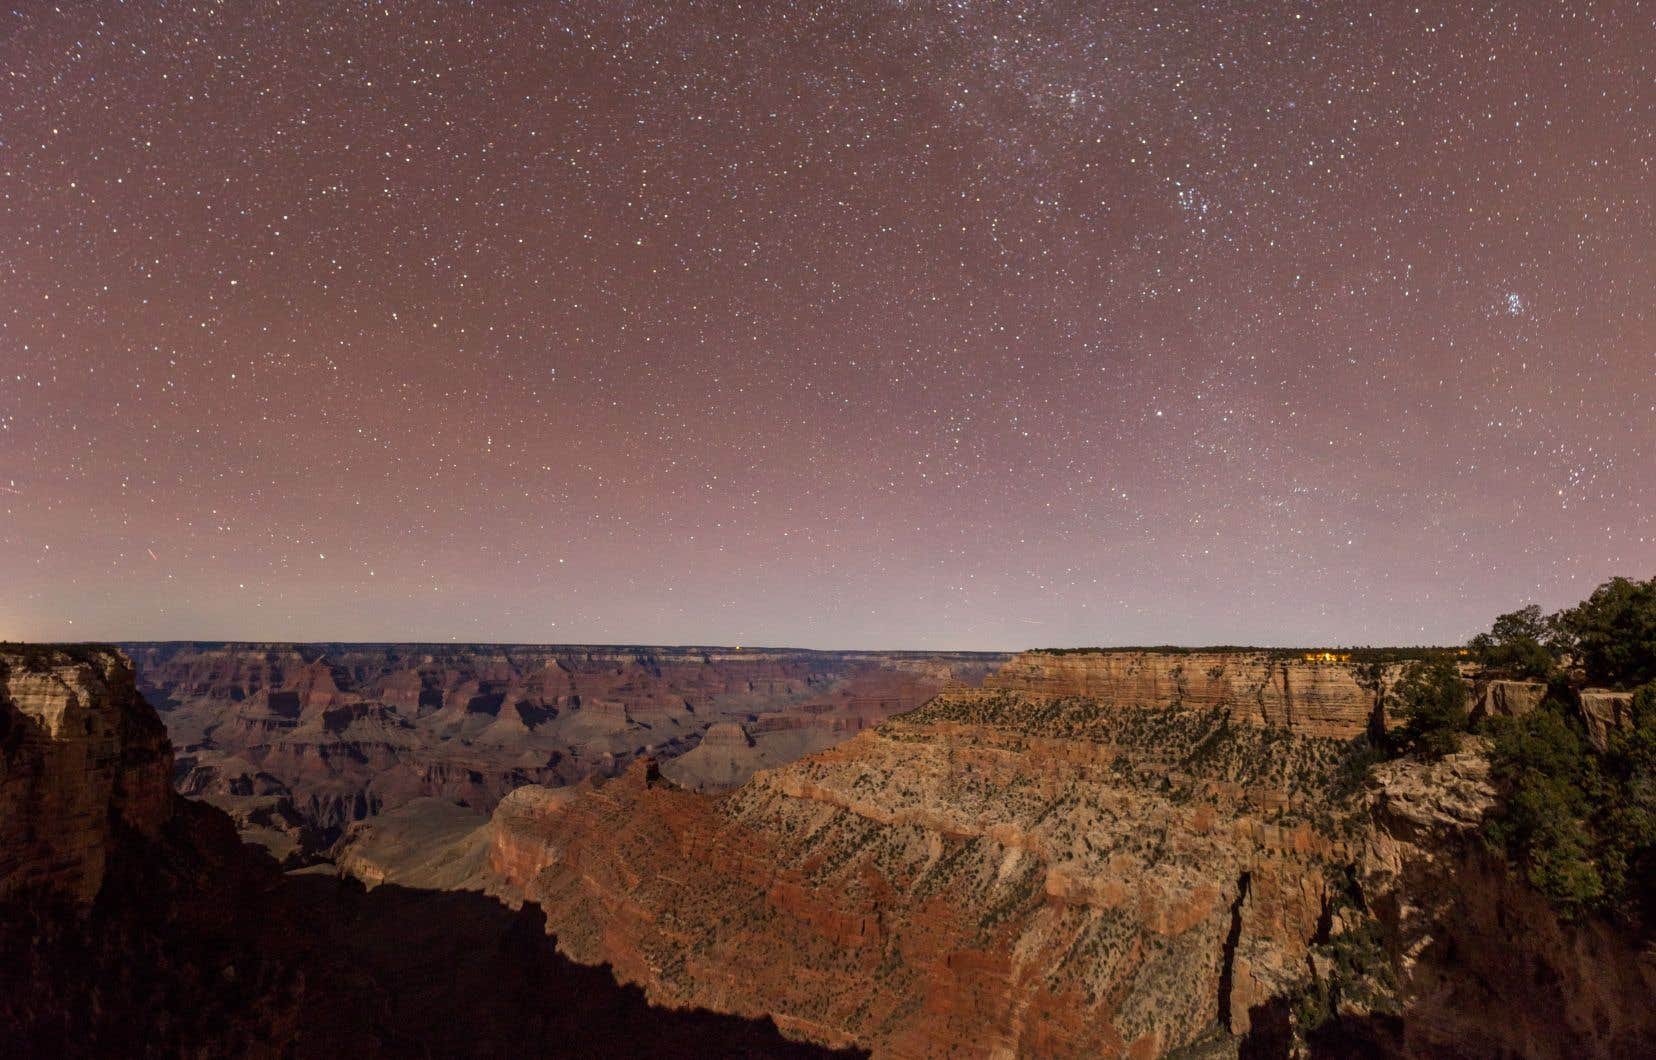 Le parc national du Grand Canyon, en Arizona, sous un ciel étoilé